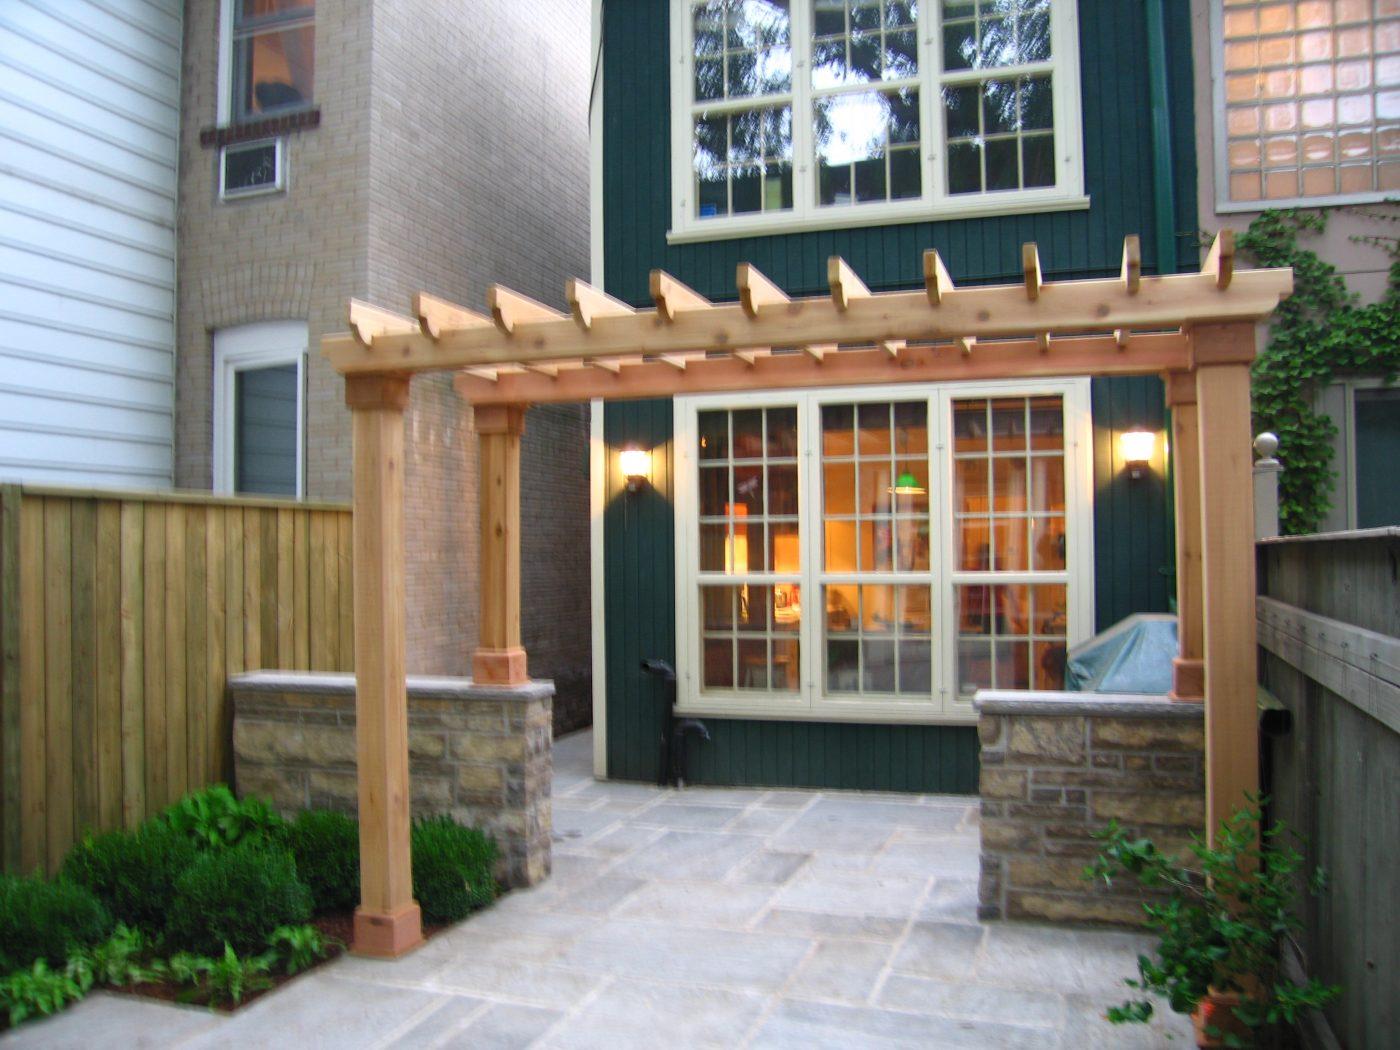 Landscape Construction- Pat- after